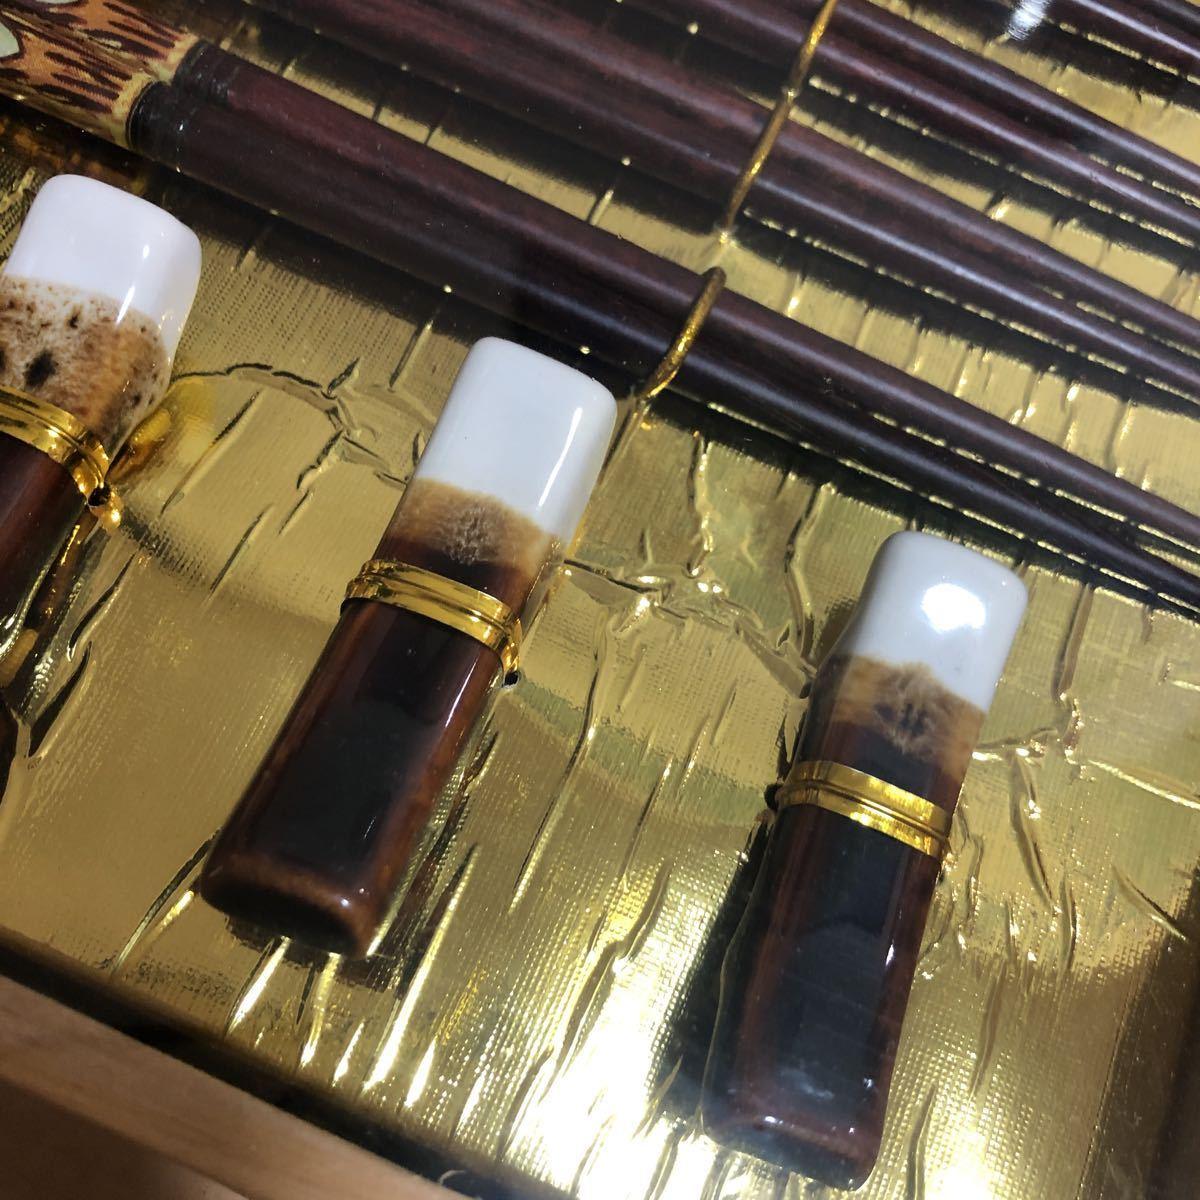 新品 未使用 箸 セット 箸置き 小皿 5膳 陶器 食器 5セット 木箱入り_画像2